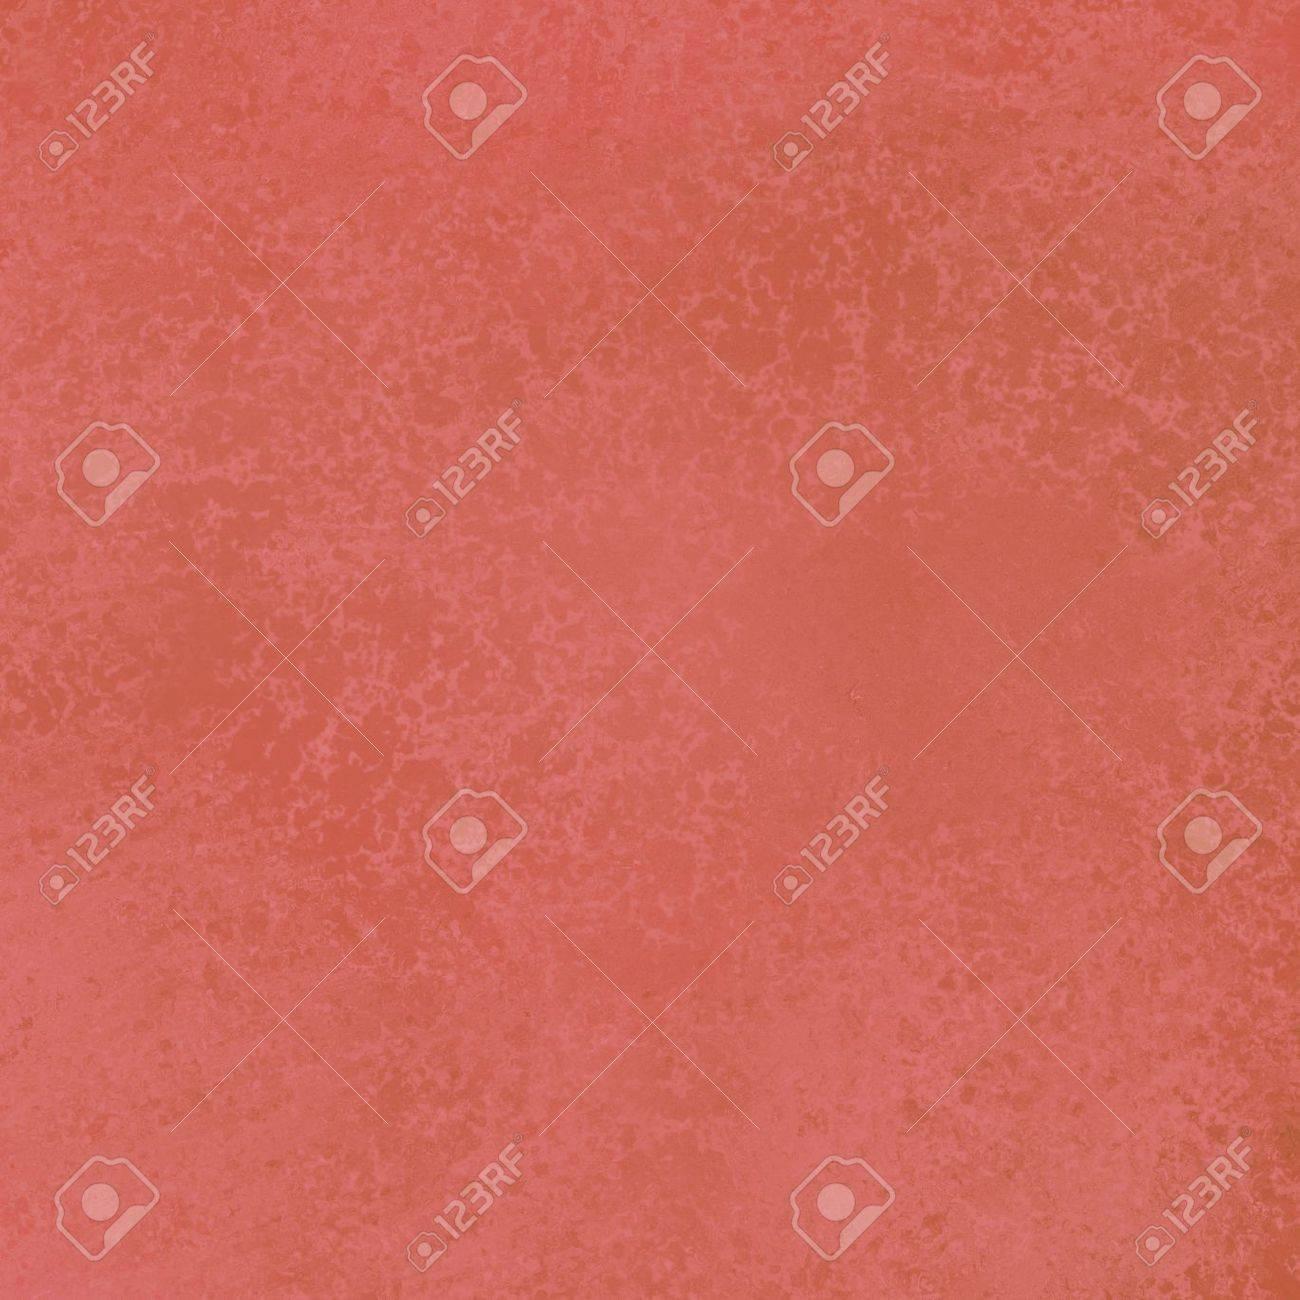 Pêche Abstrait Rose Couleurs De Fond Avec Une éponge Texture Vintage Grunge De Fond Affligé Peinture Graisseux Rugueux Sur Le Mur Toile D Art Ou